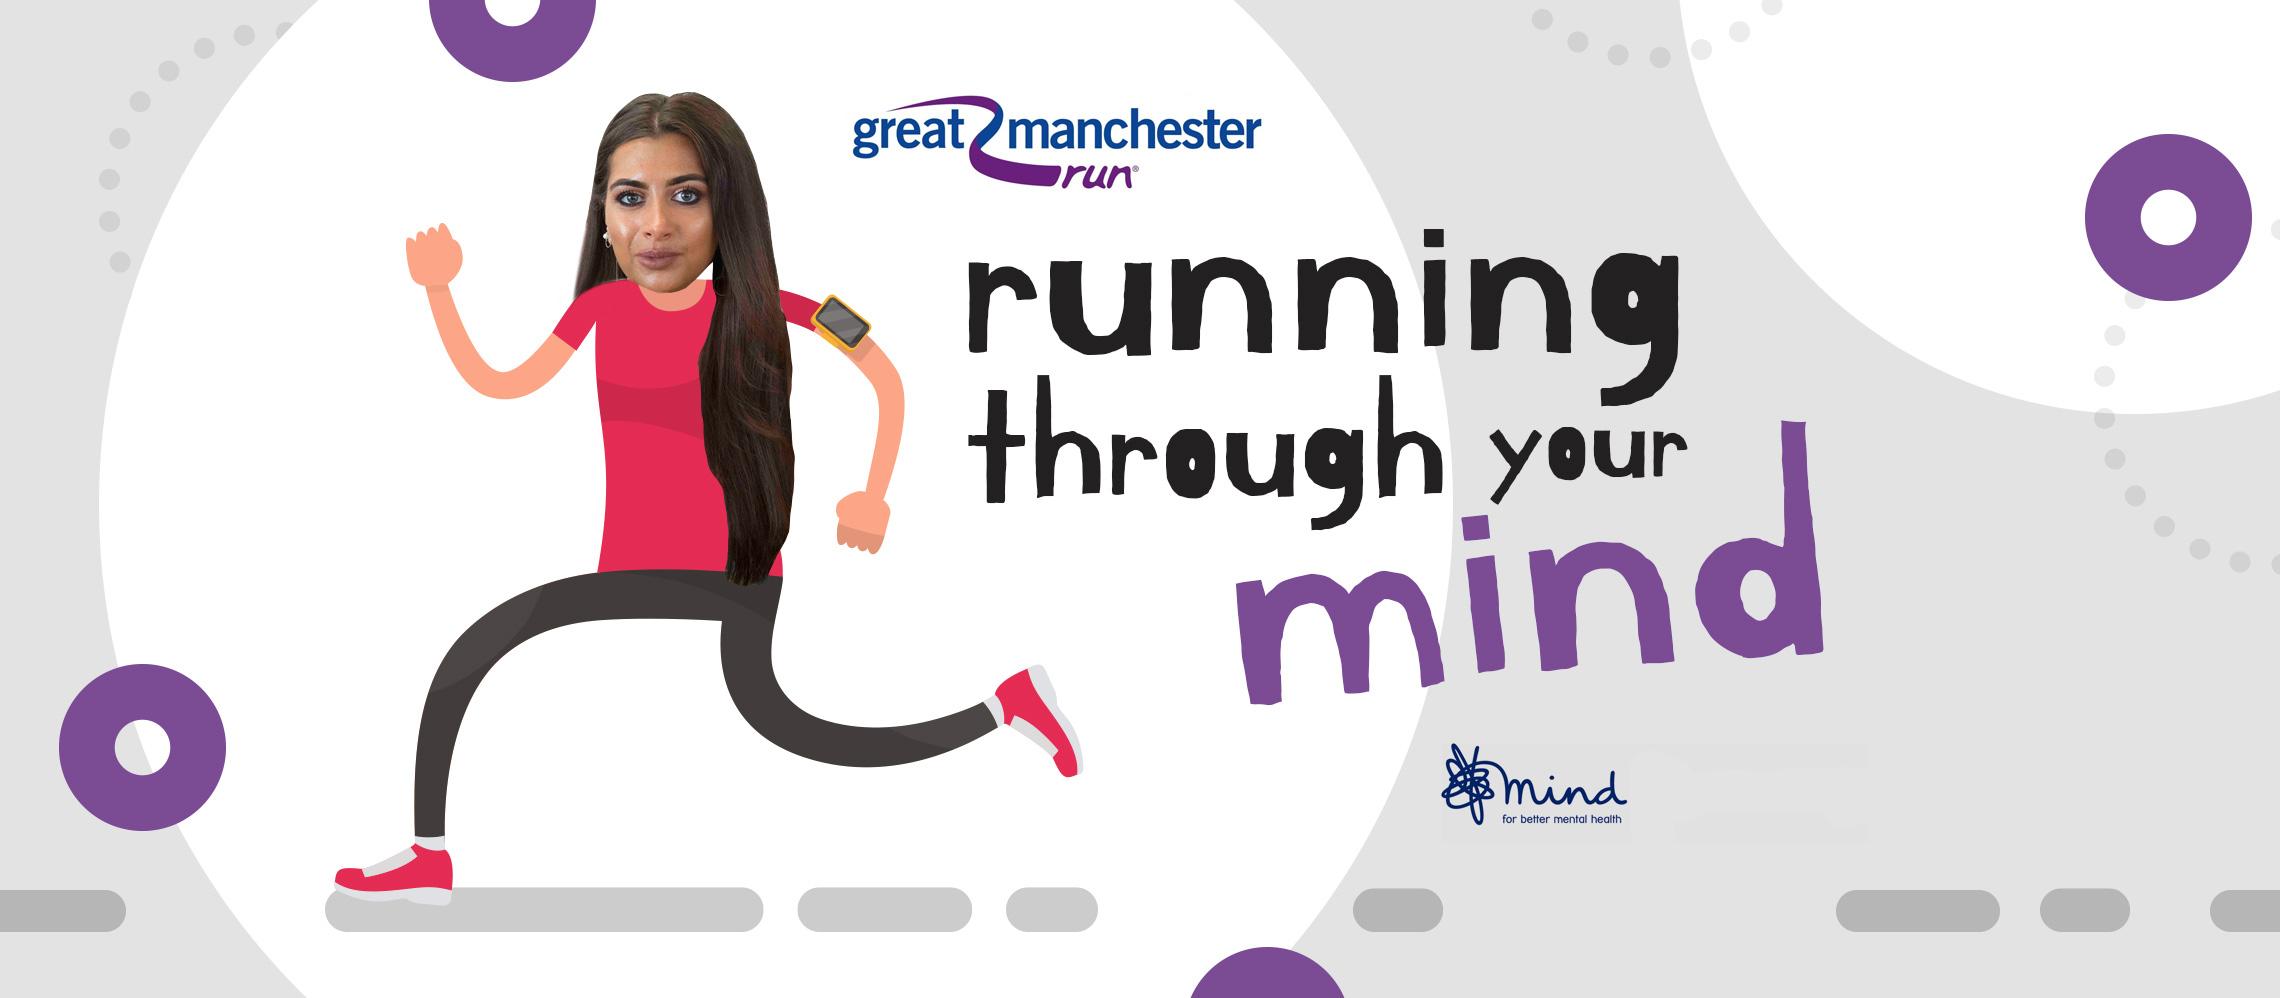 Running through your mind